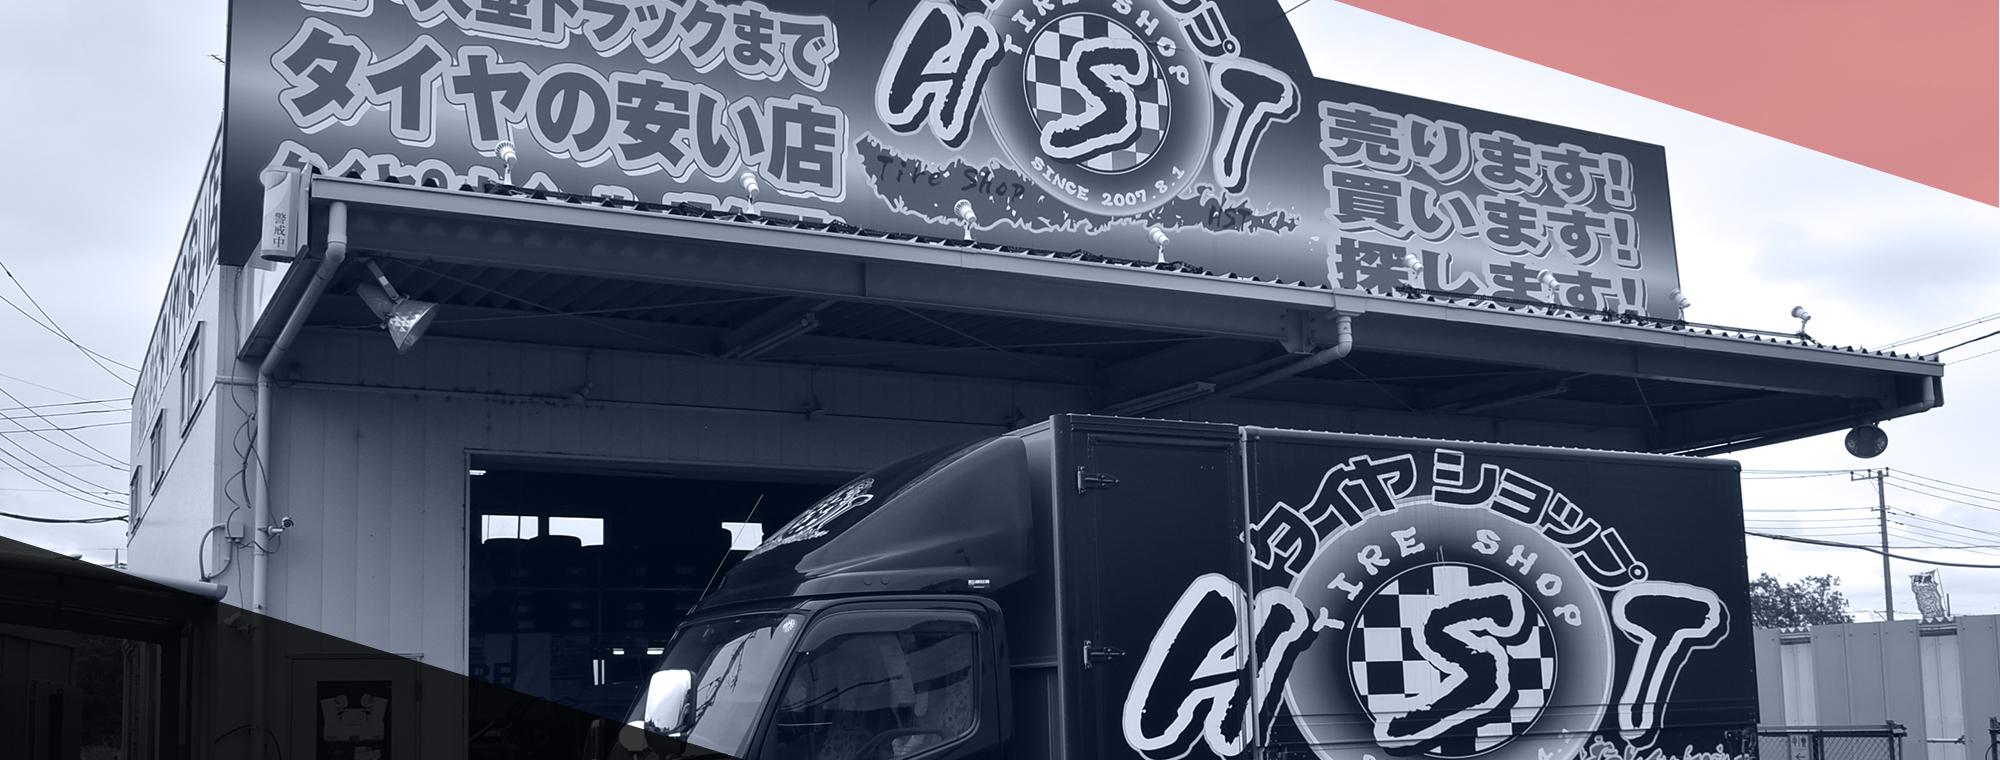 中古タイヤ・中古ホイールの販売・買取、出張タイヤ交換サービス、タイヤ保管サービス、廃棄物処理、パンク修理などは埼玉県三郷市のタイヤ交換ショップ『タイヤショップHST三郷店』